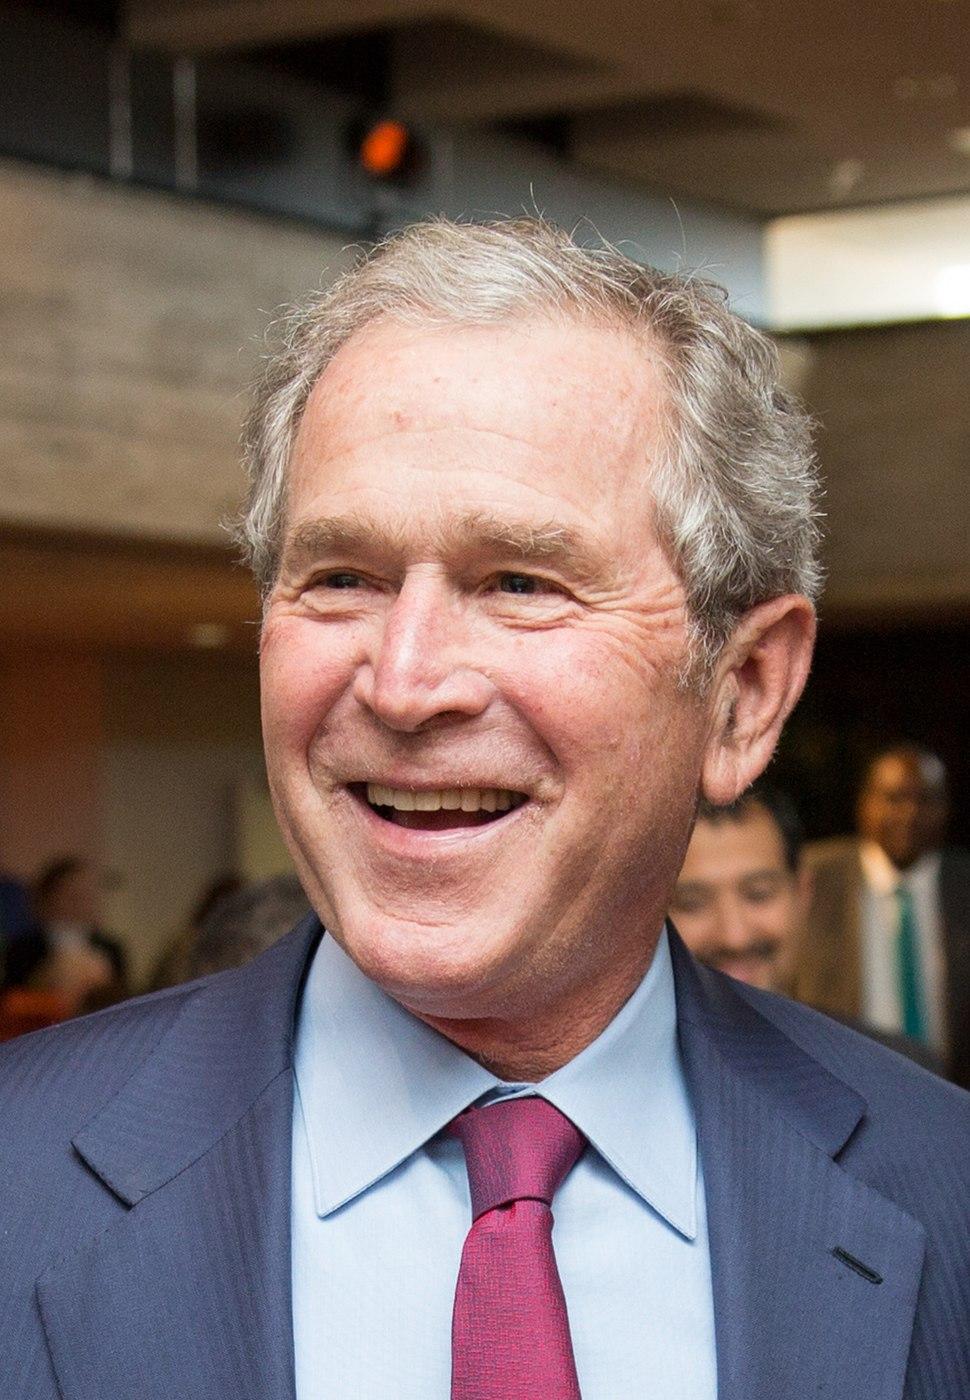 George W. Bush (age 71)since 2009